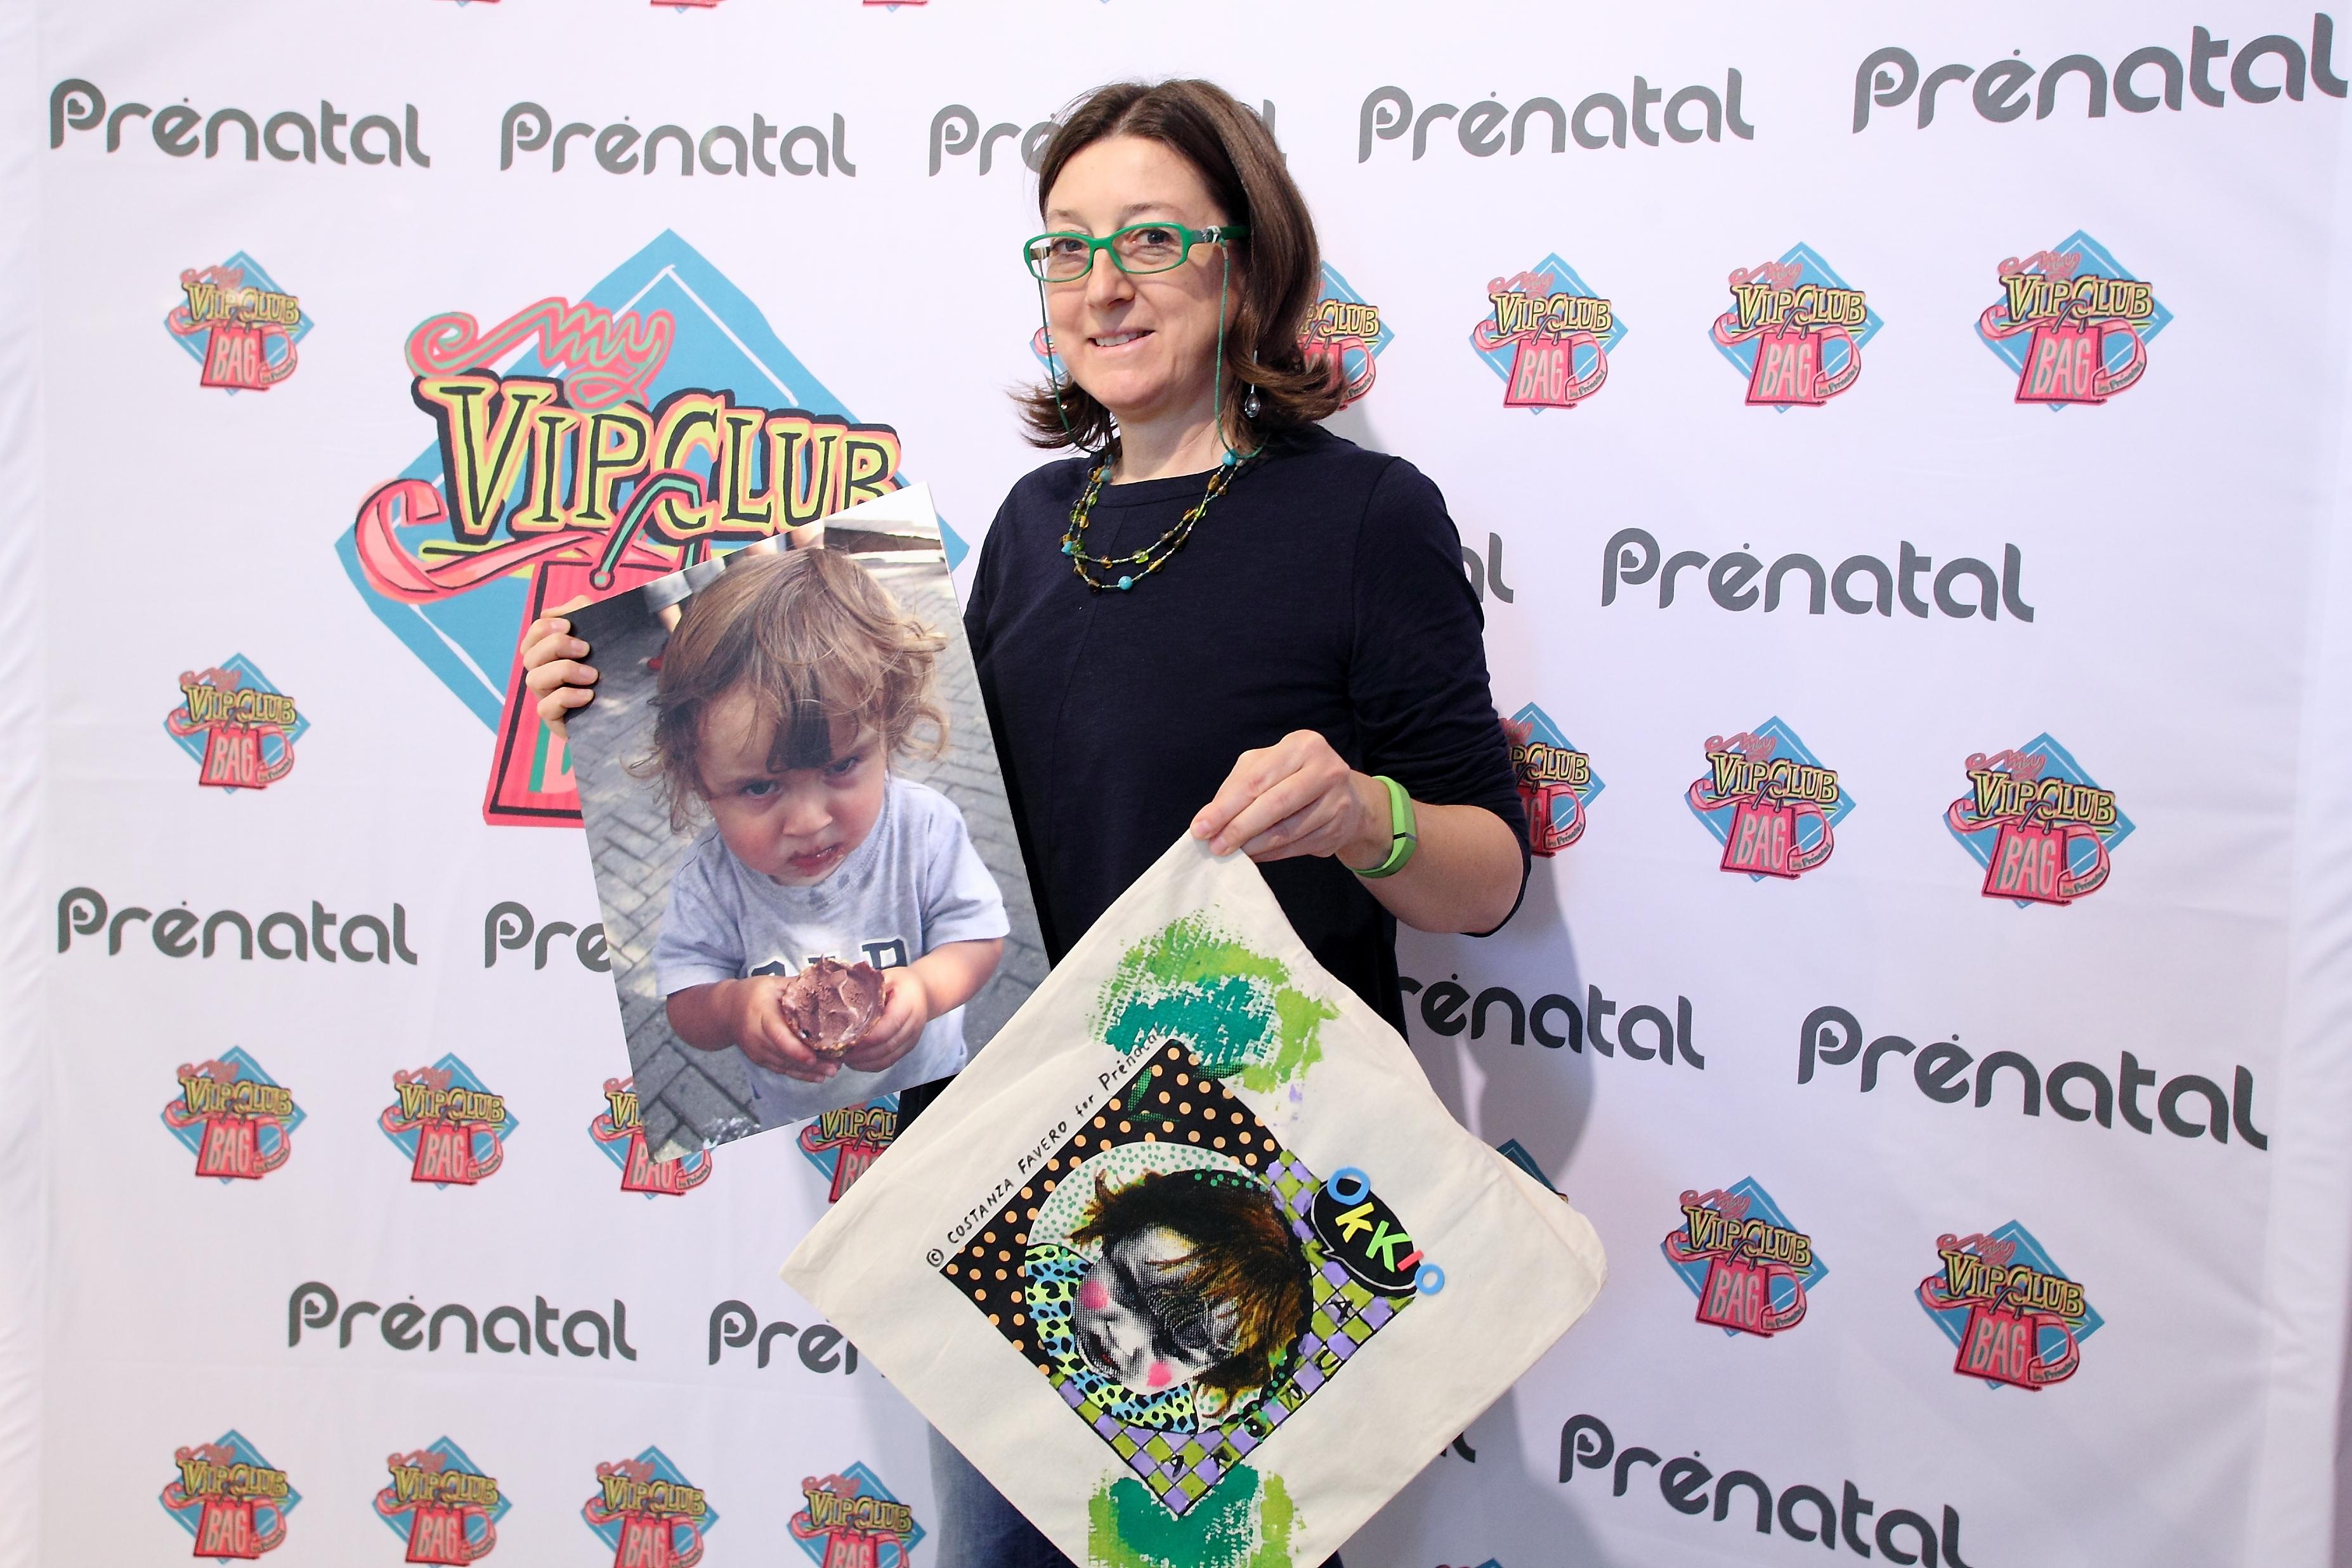 Con la nuova Prénatal Vip Card 12 mesi di sconti